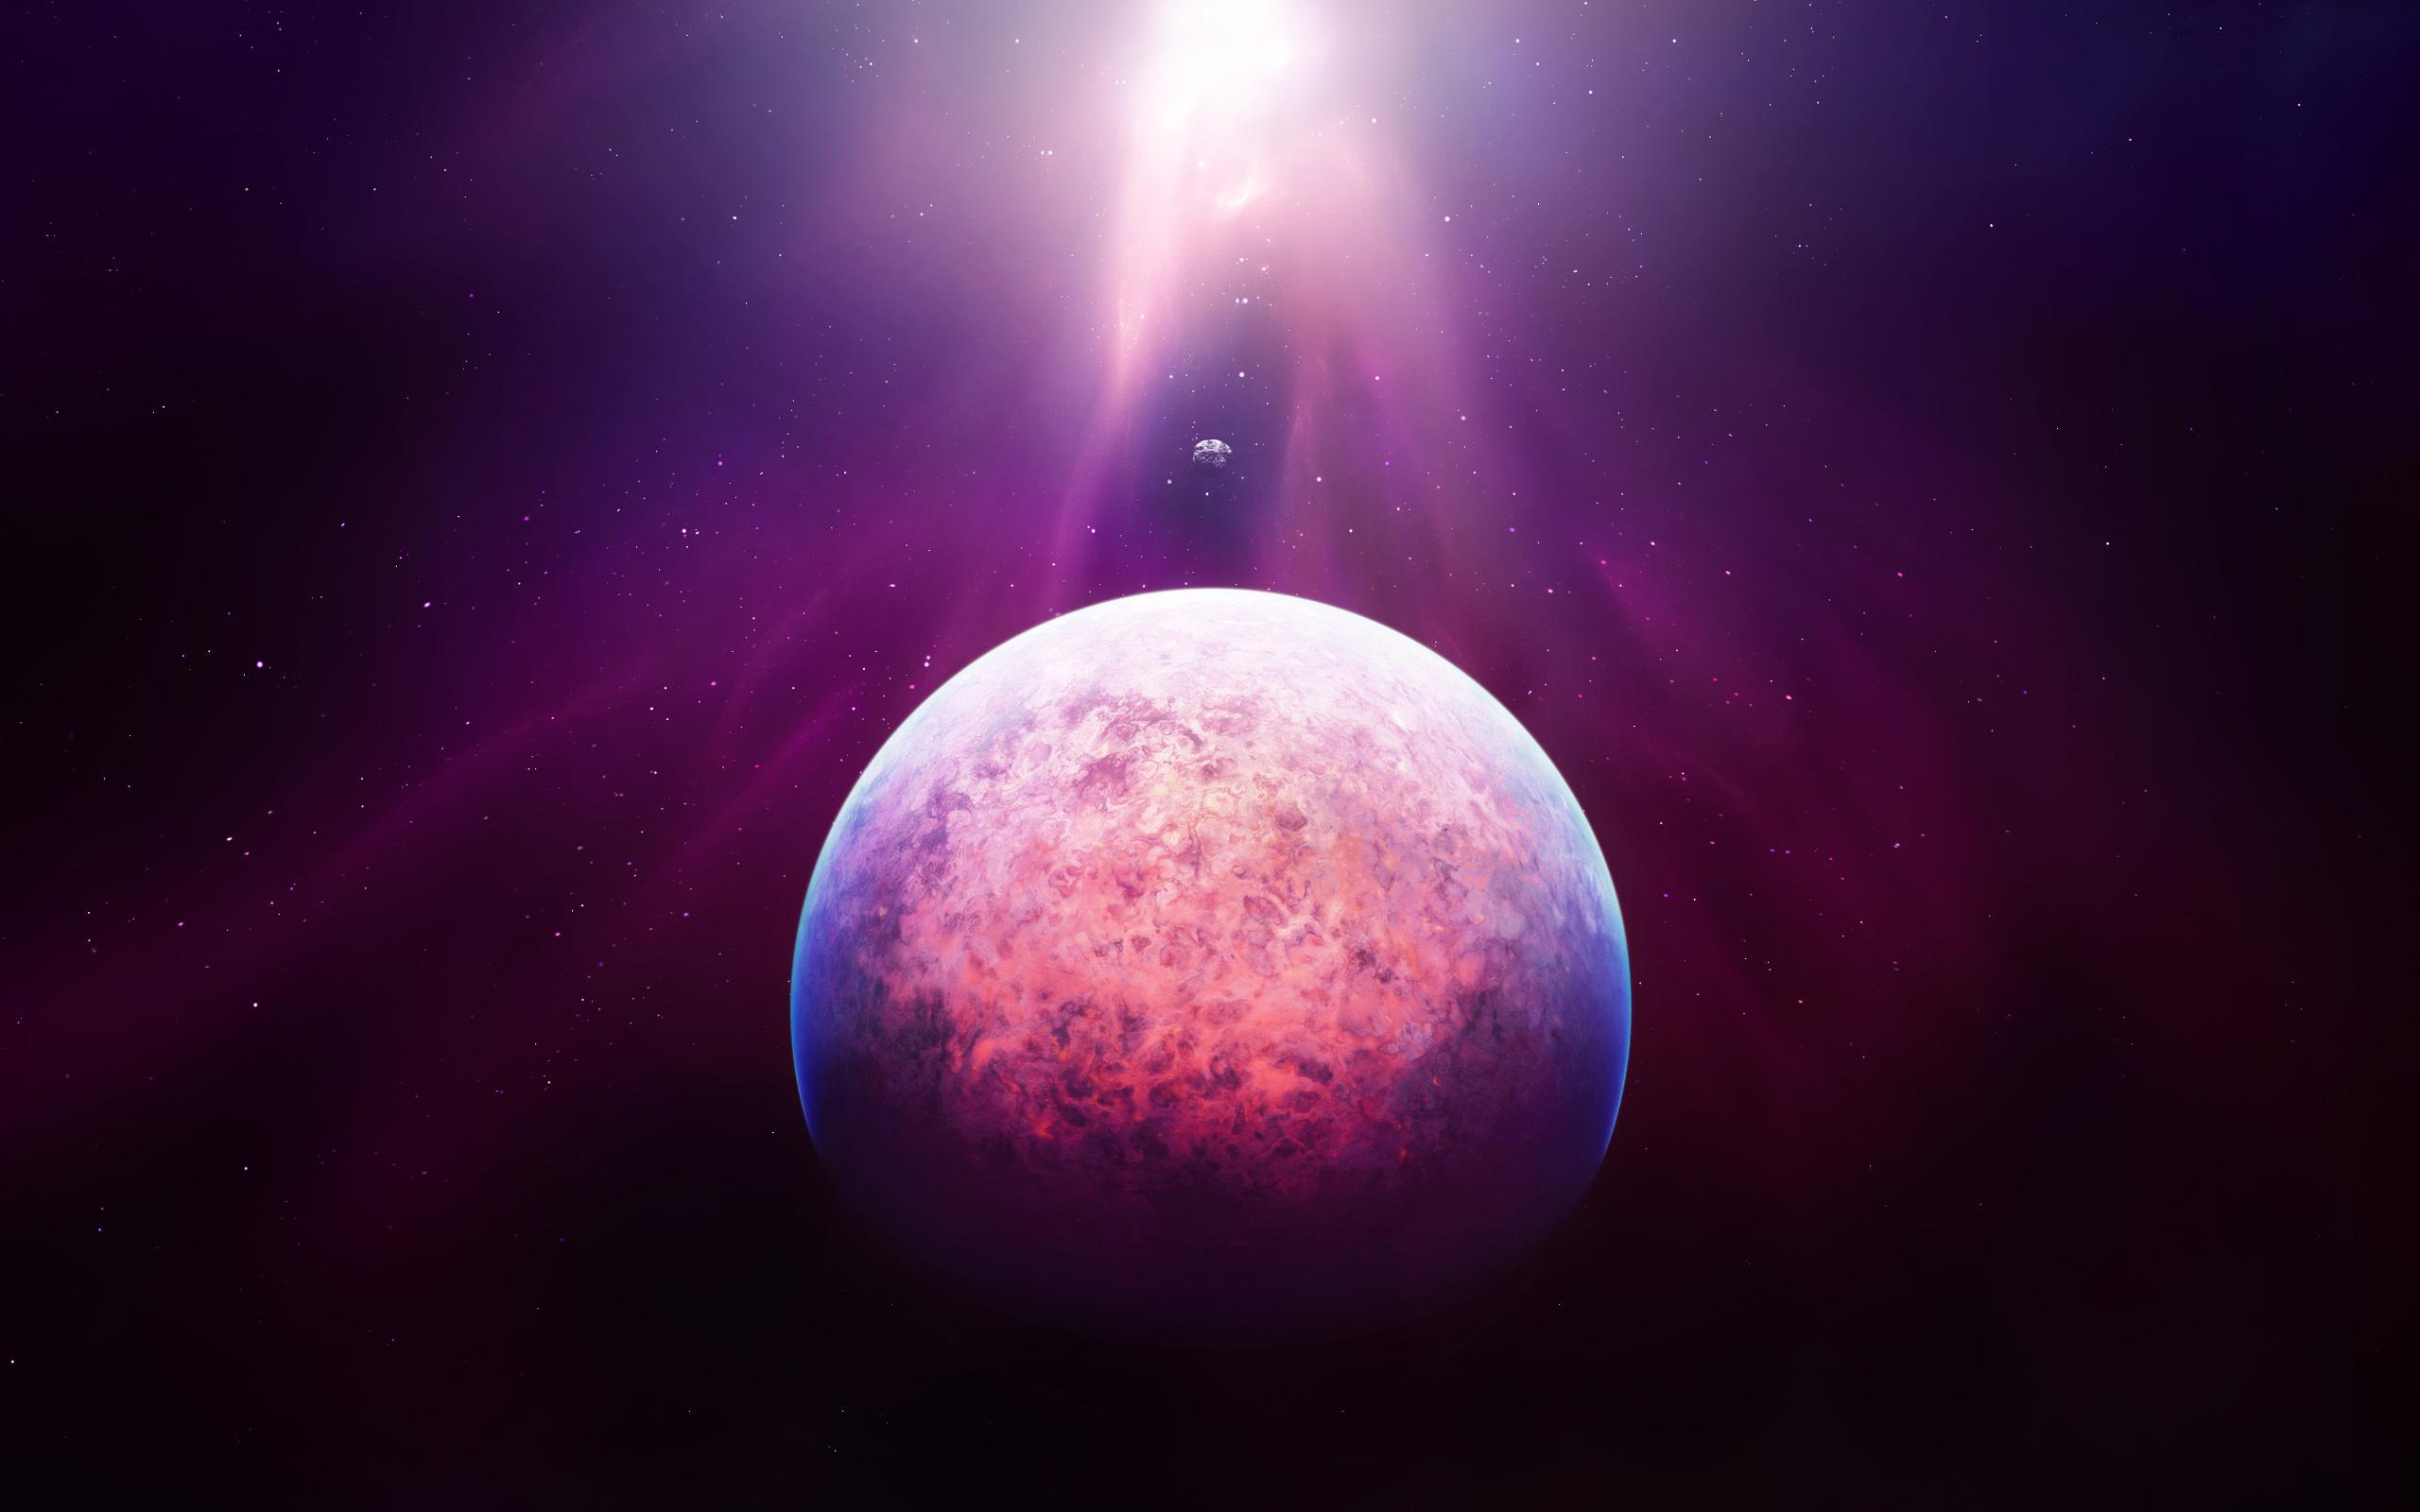 Обои Горячая планета картинки на рабочий стол на тему Космос - скачать без смс